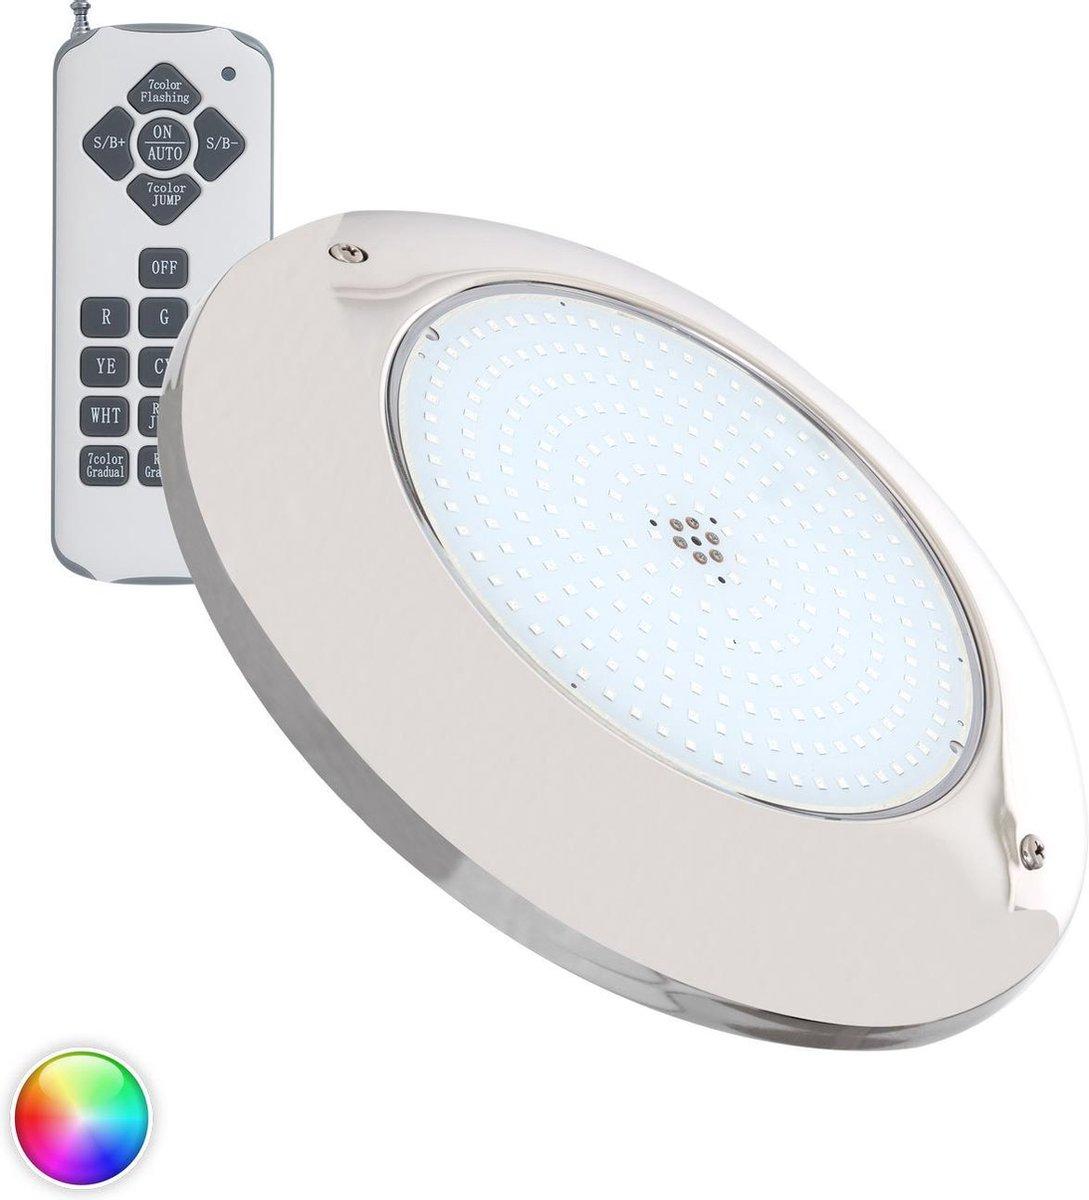 Zwembadlamp Opbouw LED 12V AC 20W RGB RVS - zwembad verlichting - onderwater verlichting - licht